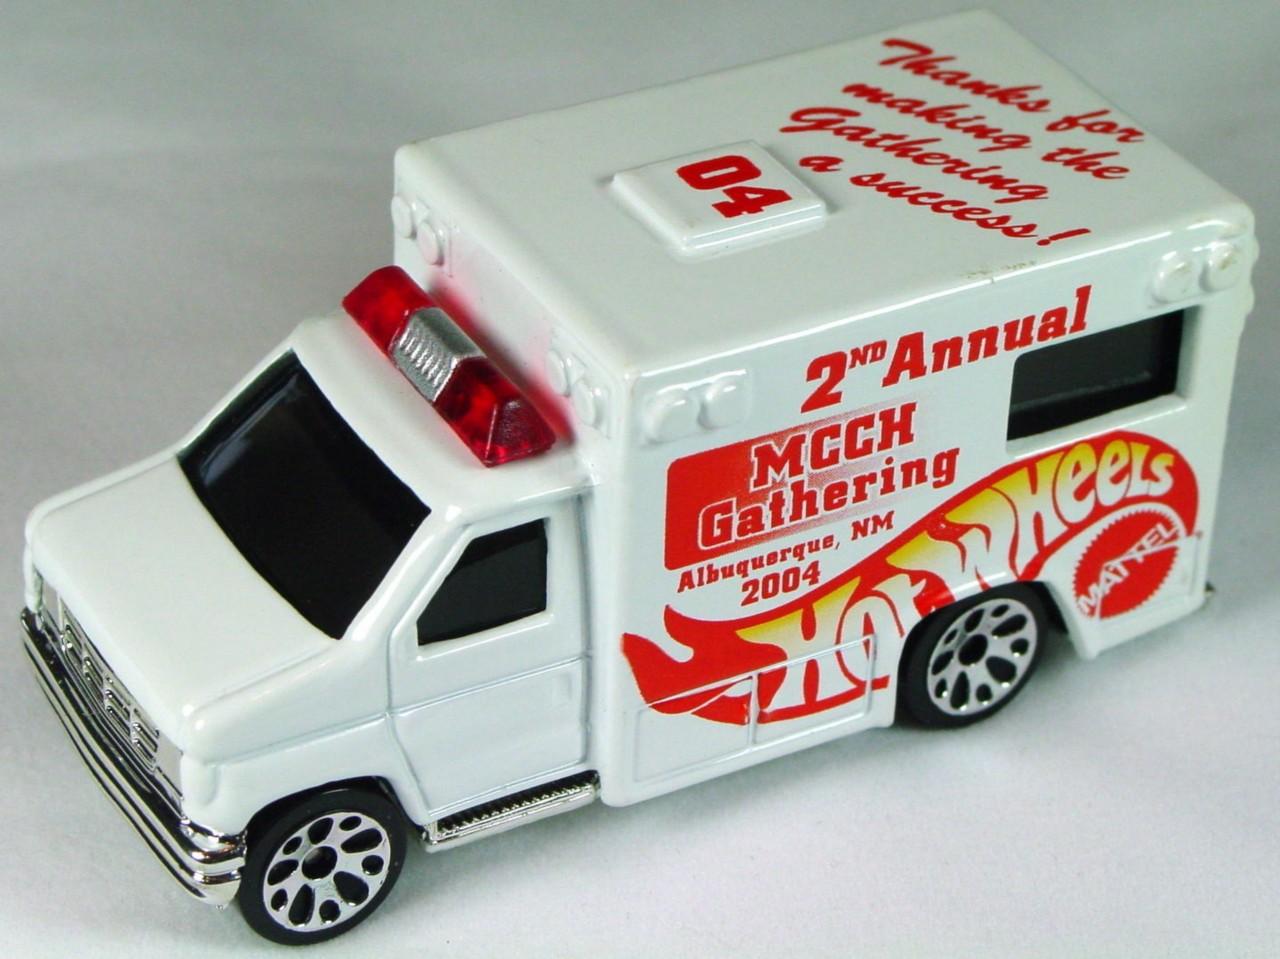 ASAP-CCI 51 K 70 - Ford Ambulance White 2nd Ann MCCH Gathering 2004 CCI